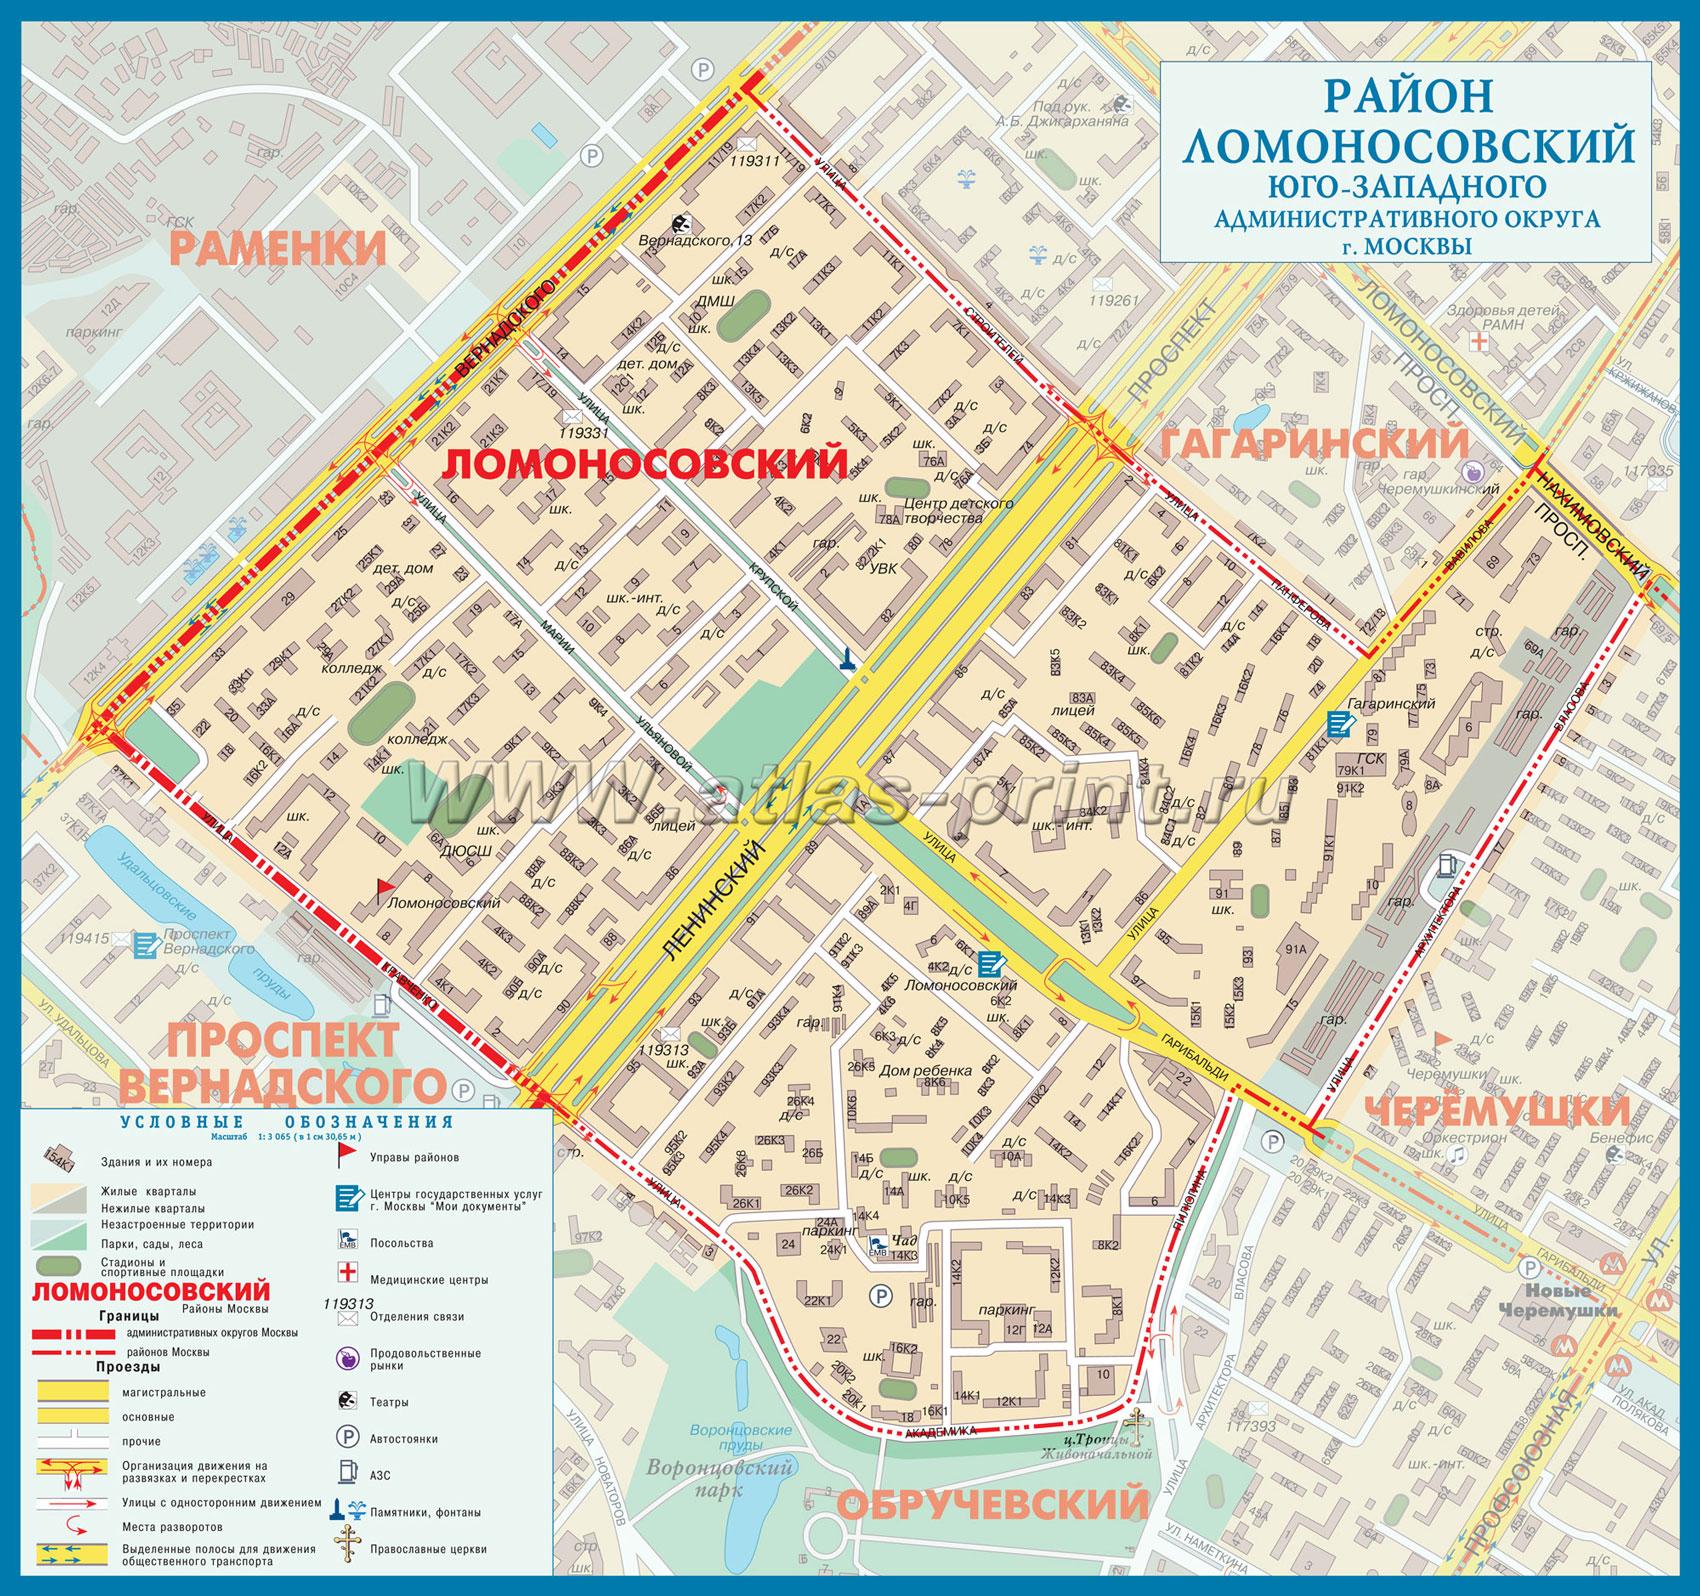 Настенная карта района Ломоносовский г.Москвы 1,00*0,94 м, ламинированная